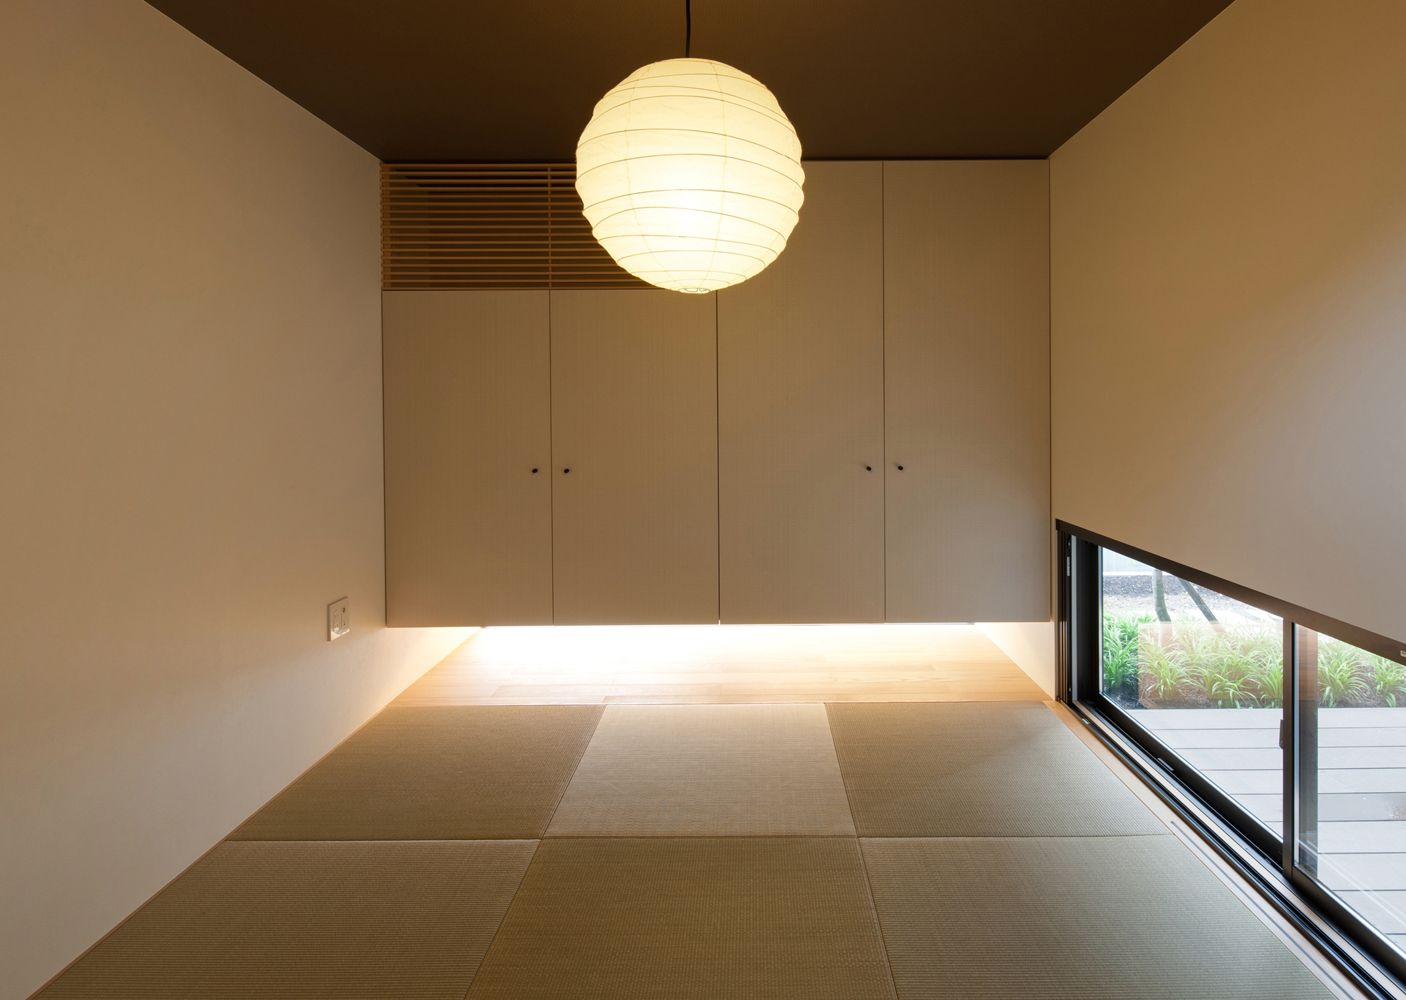 天井高を2100mmと低めにし 地窓が2つある癒やしの和室 和室 モダン 家 タタミルーム